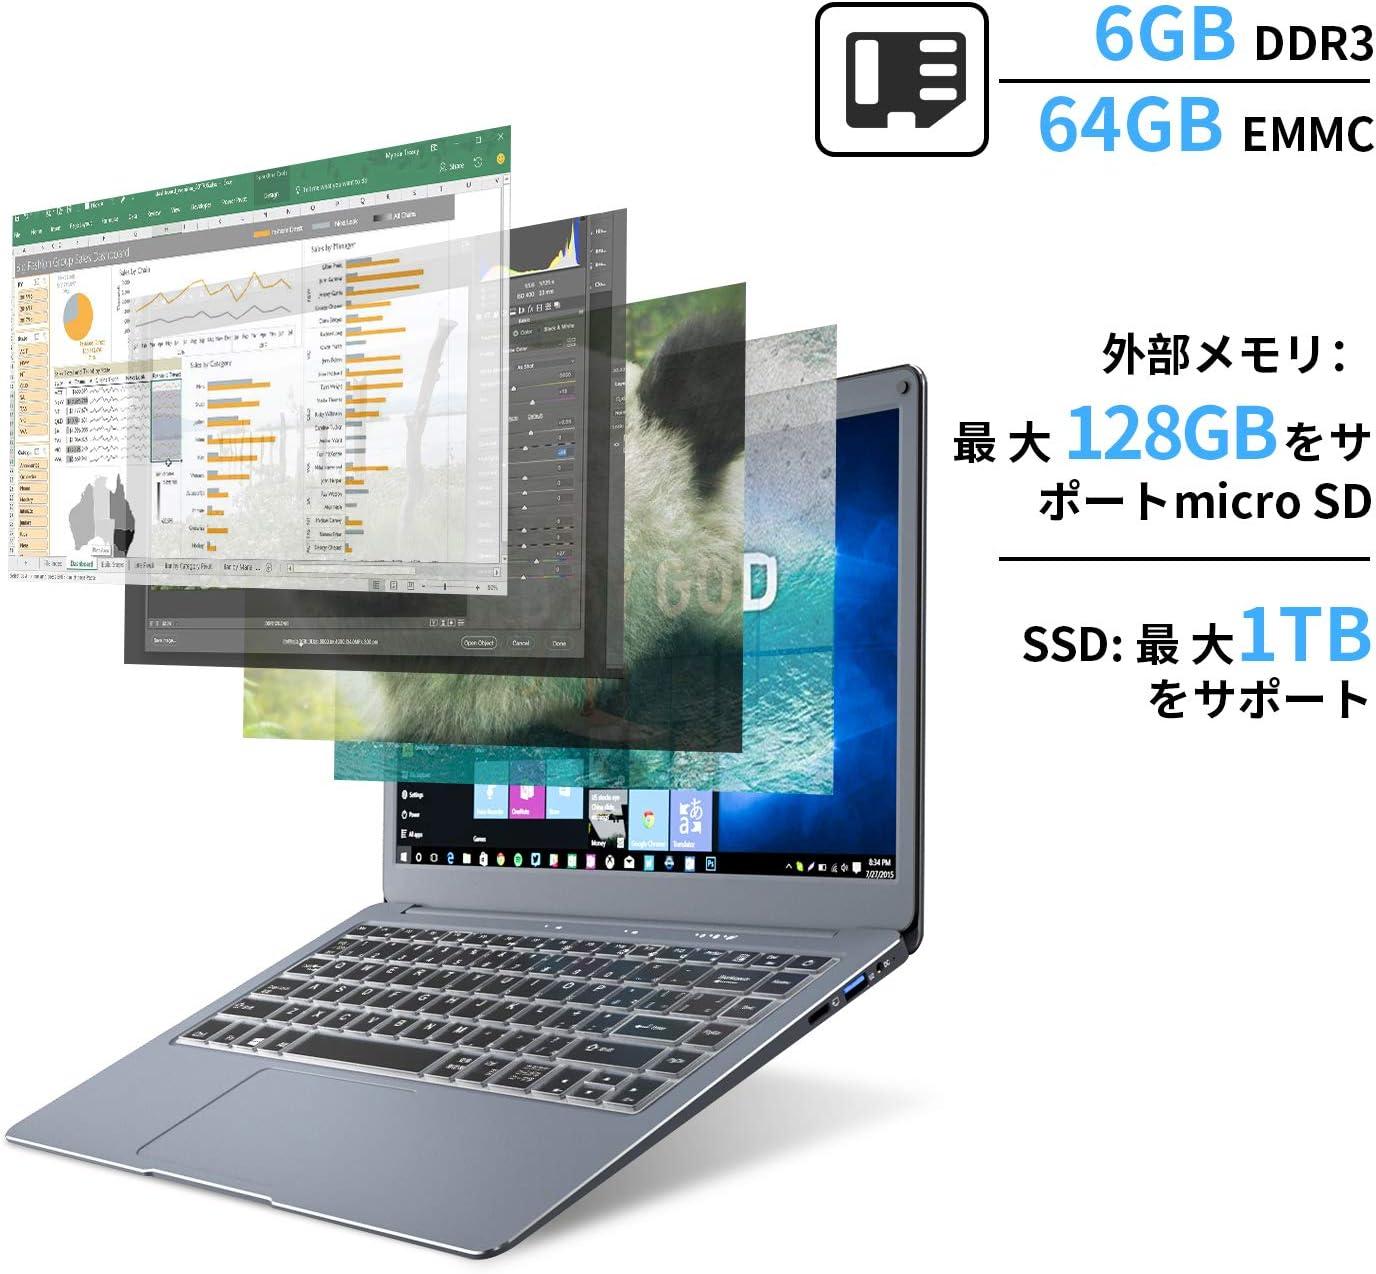 Jumperノートパソコン13.3インチ6GB 64GB/ 超薄型ノートPC Windows 10 / サポート128GB